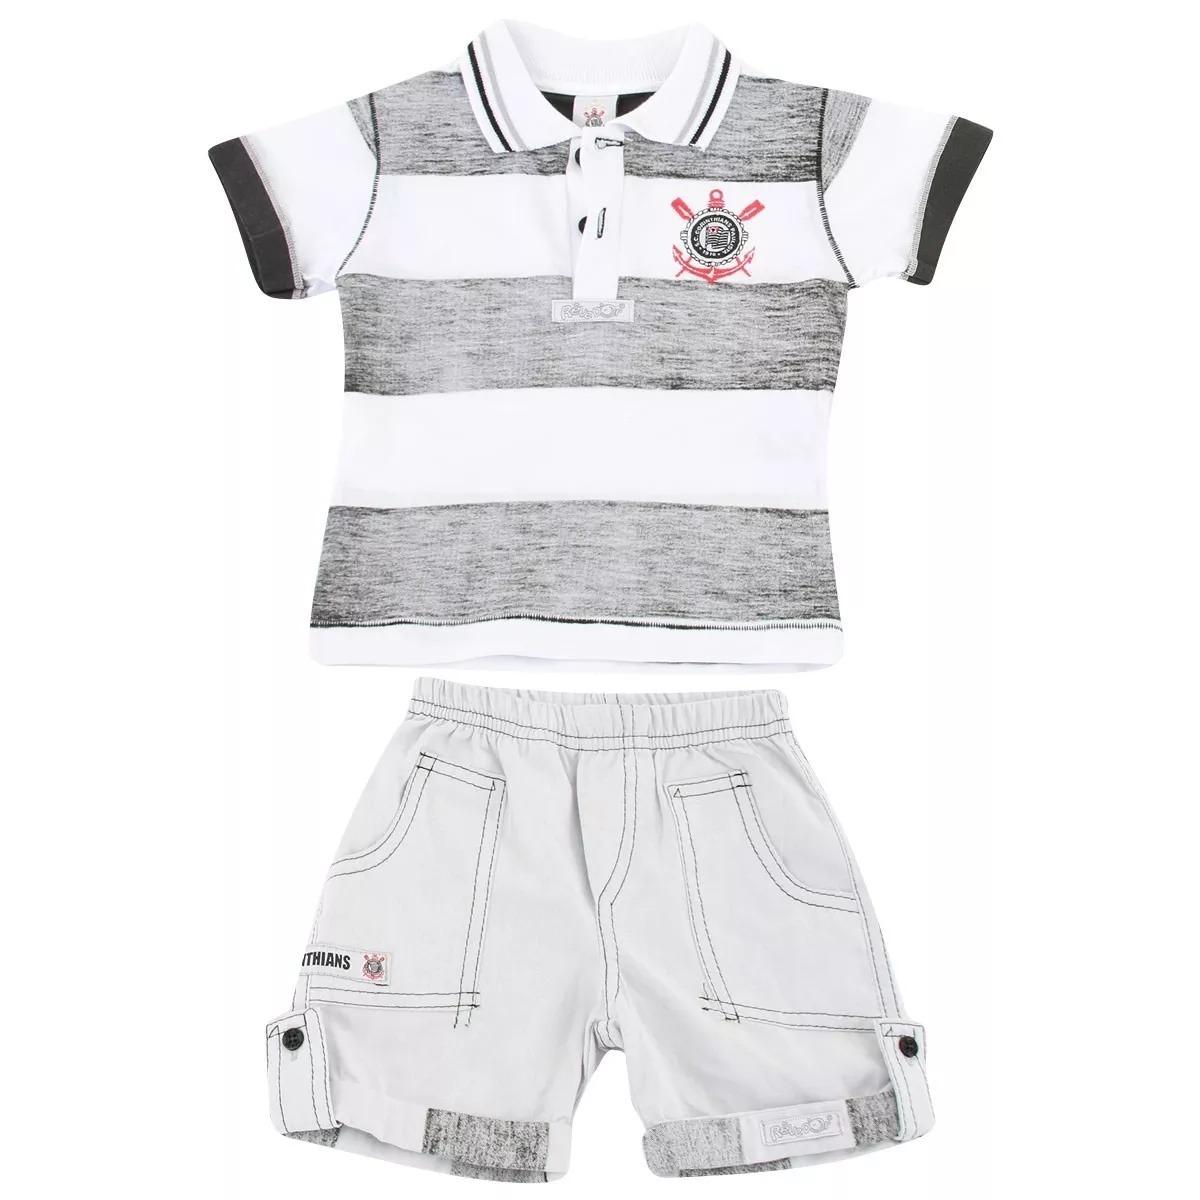 de6da4f193fbb camisa do corinthians infantil, polo + bermuda oficial. Carregando zoom.